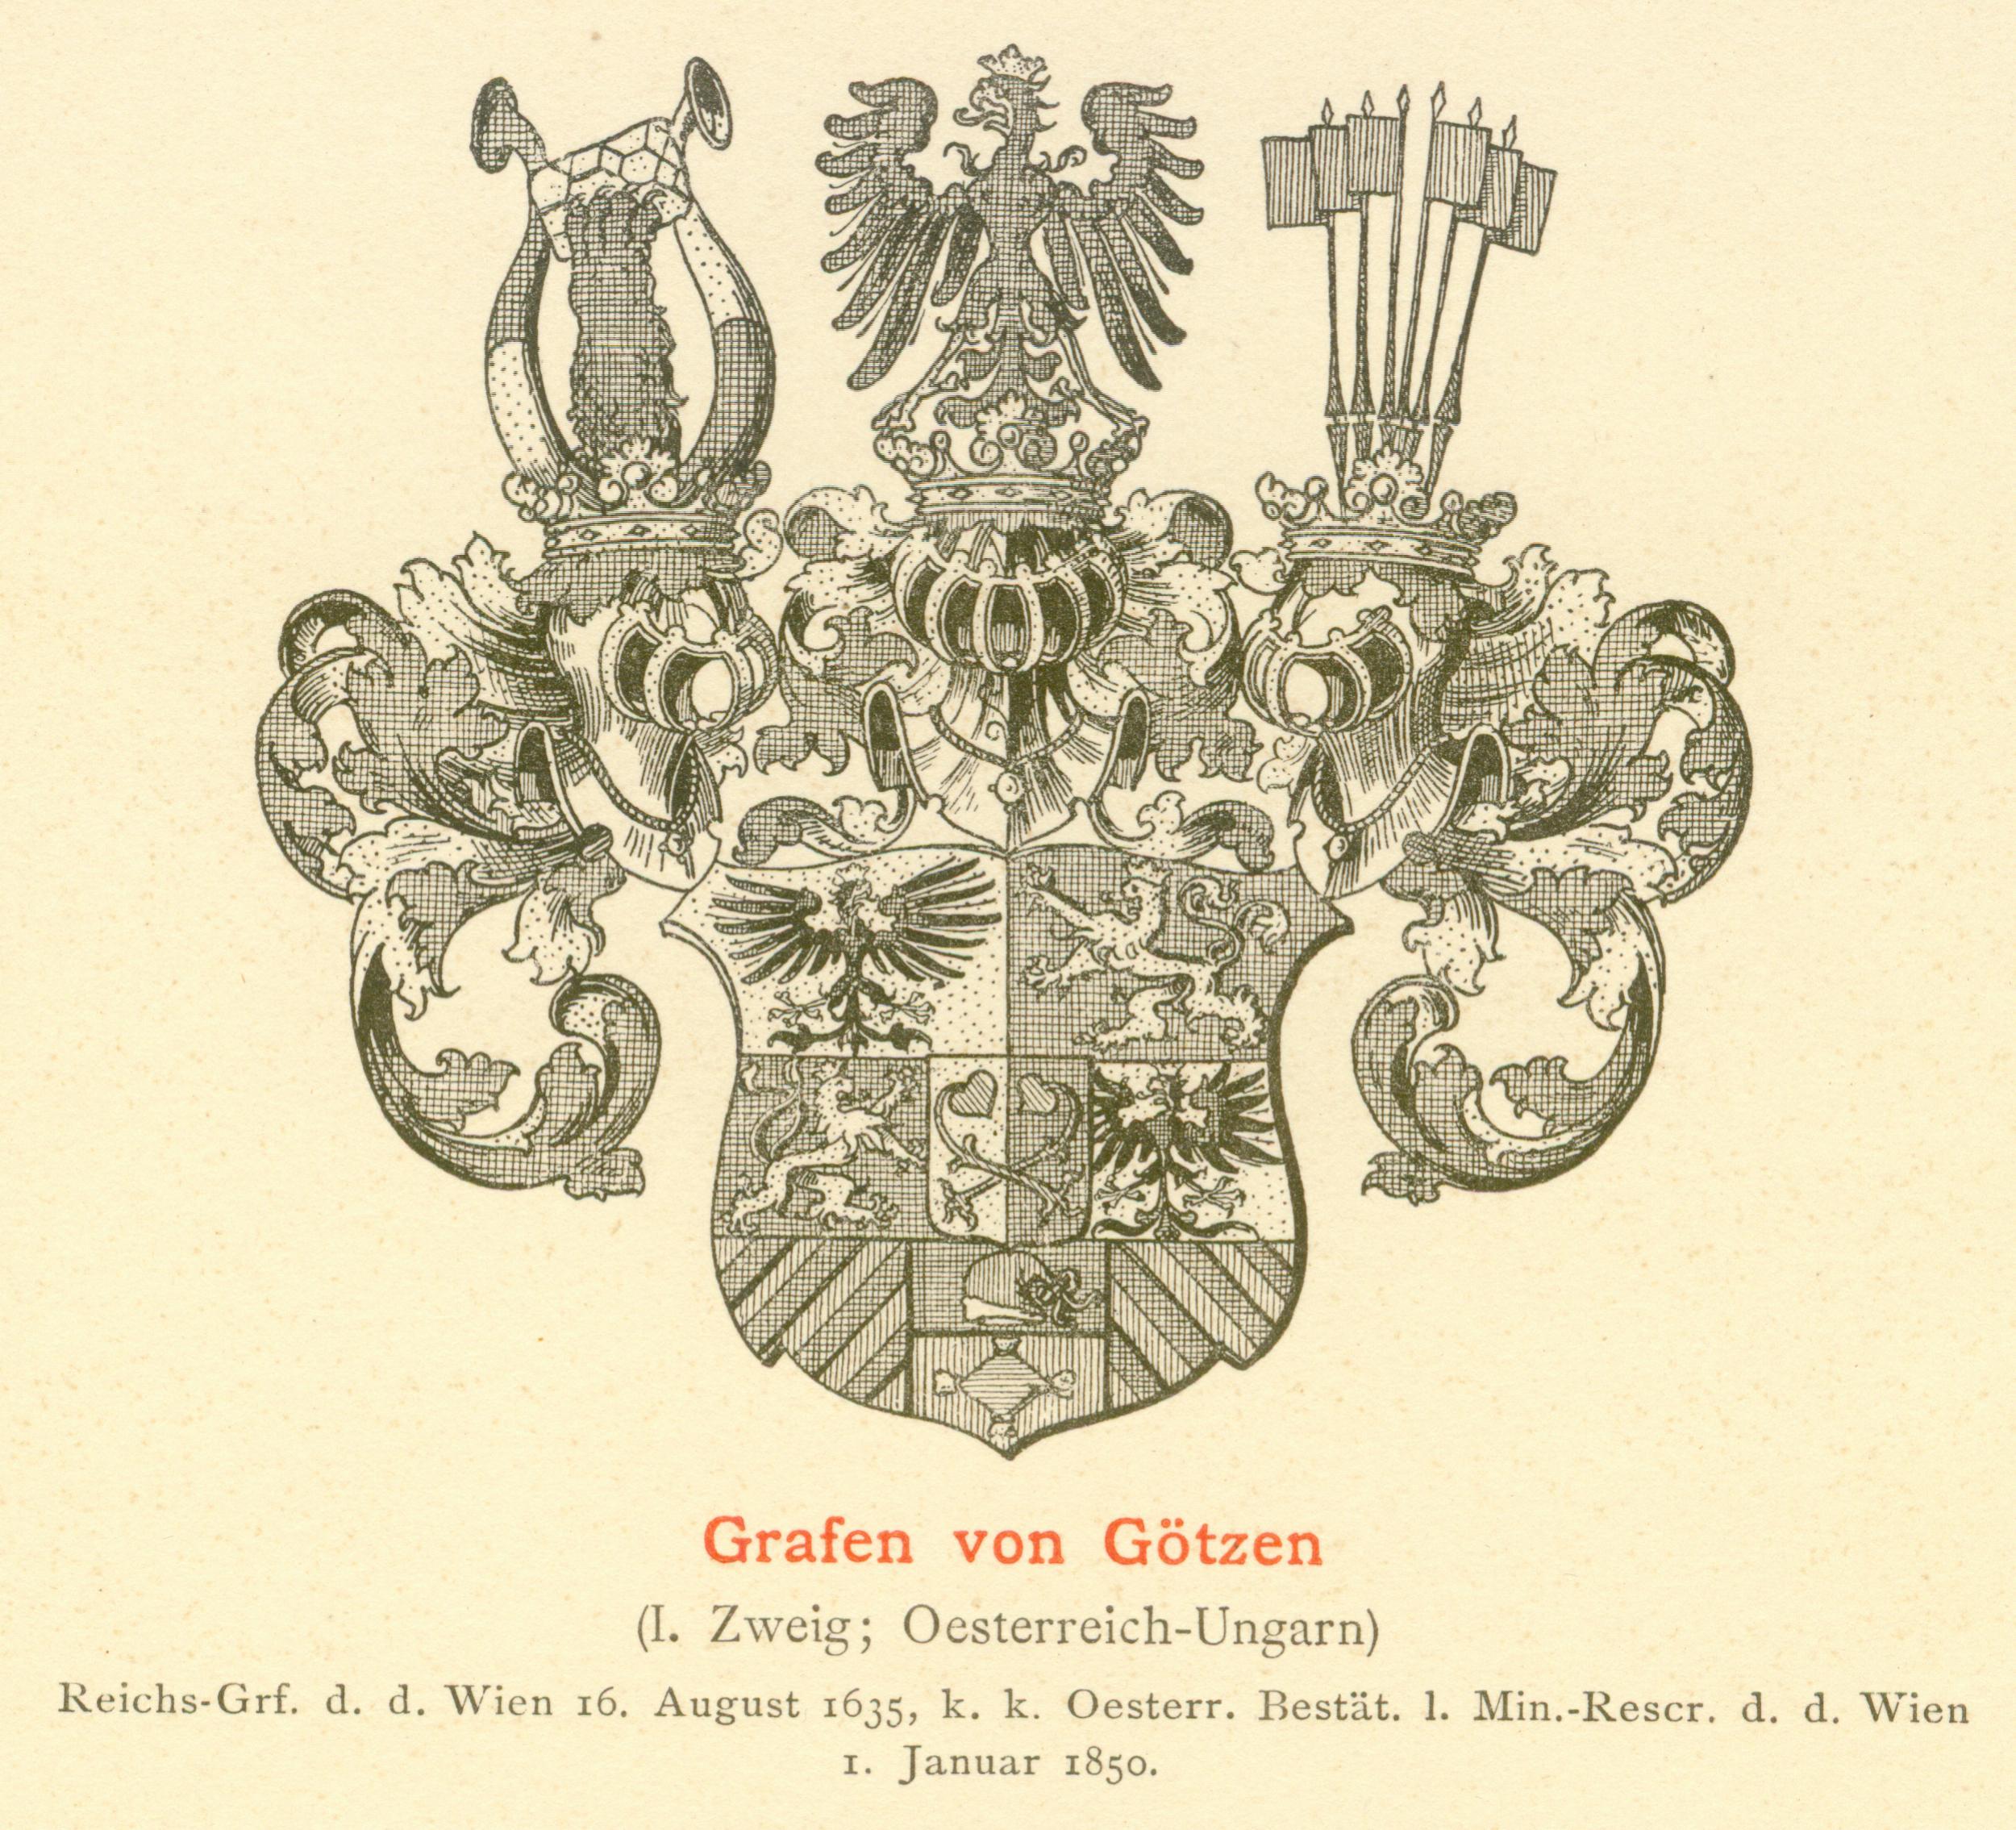 Goetzen